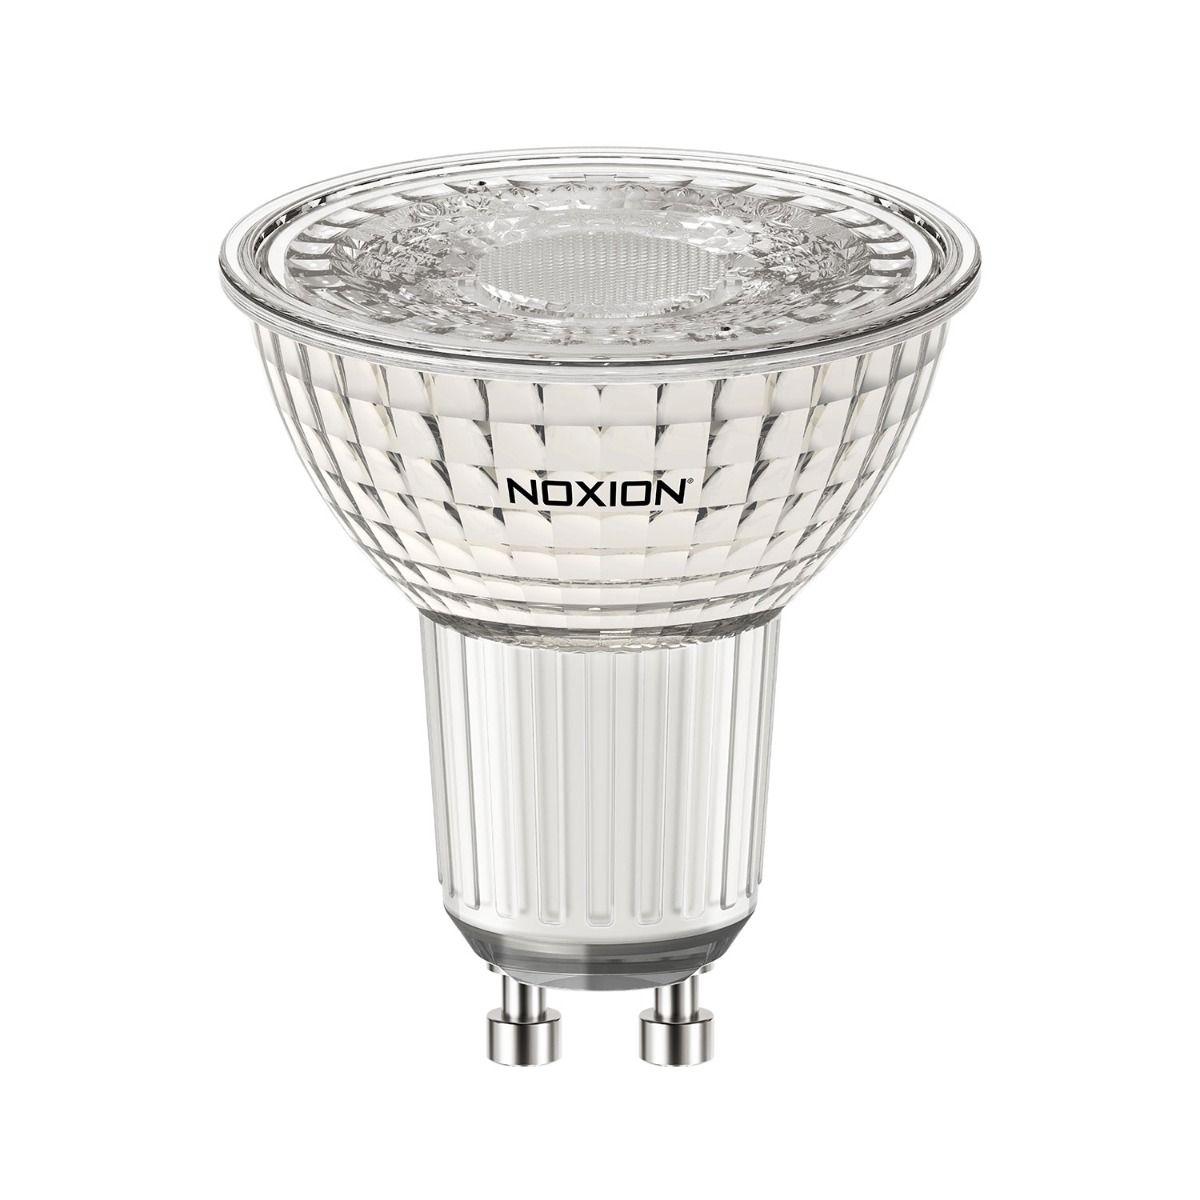 Noxion LED Kohdevalaisin PerfectColor GU10 5.5W 940 60D 480lm   Himmennettävä - Kylmä Valkoinen - Korvaa 50W